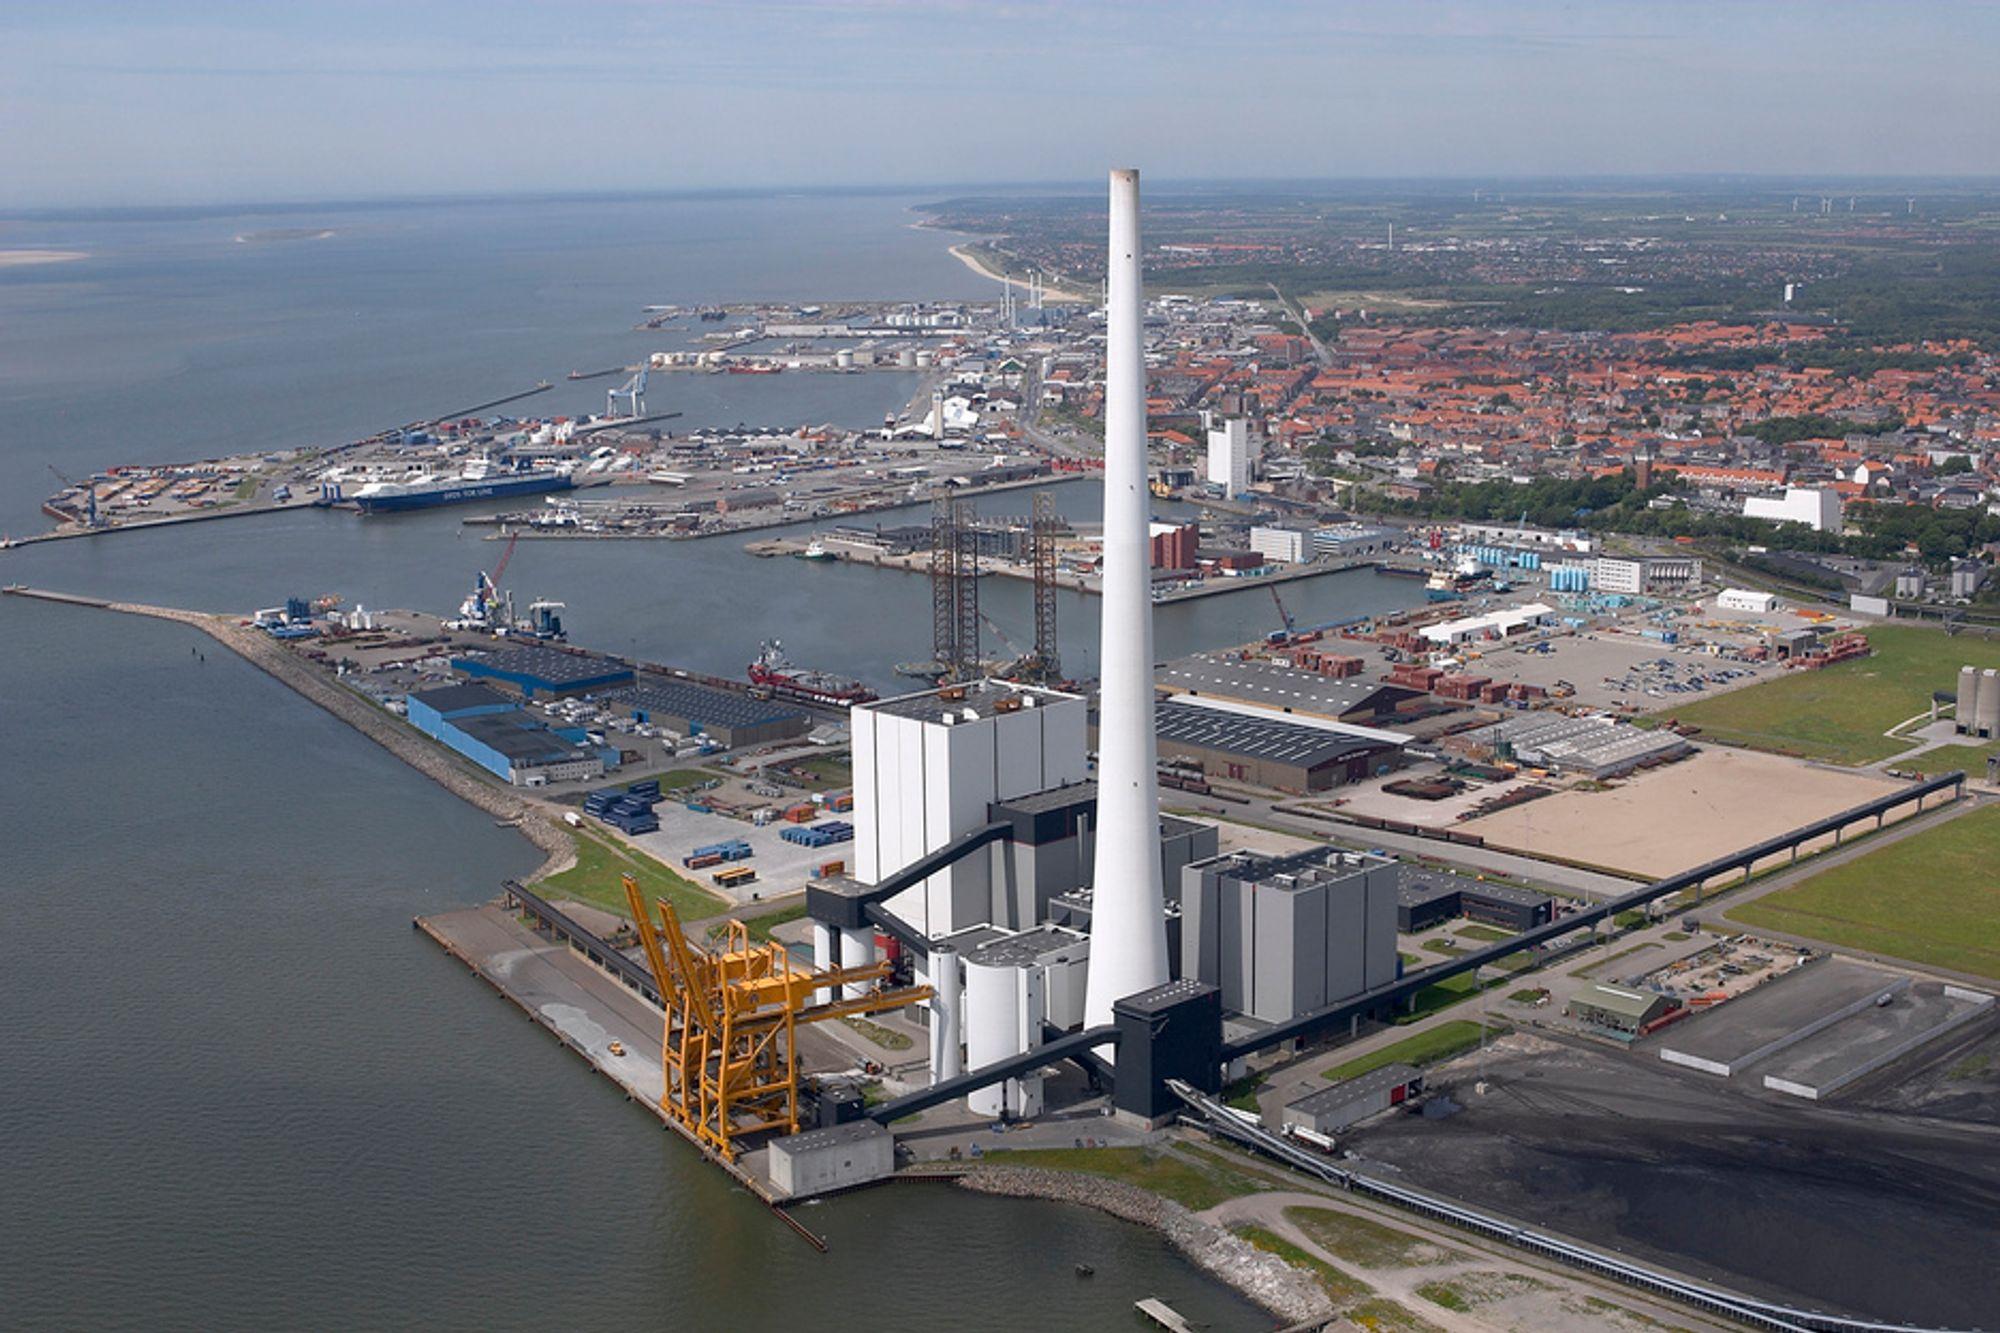 EU er avhenig av kullkraft i mange år framover. Renseteknologi må utvikles. Bildet er fra Elsams kullkraftverk i Esbjerg, Danmark.